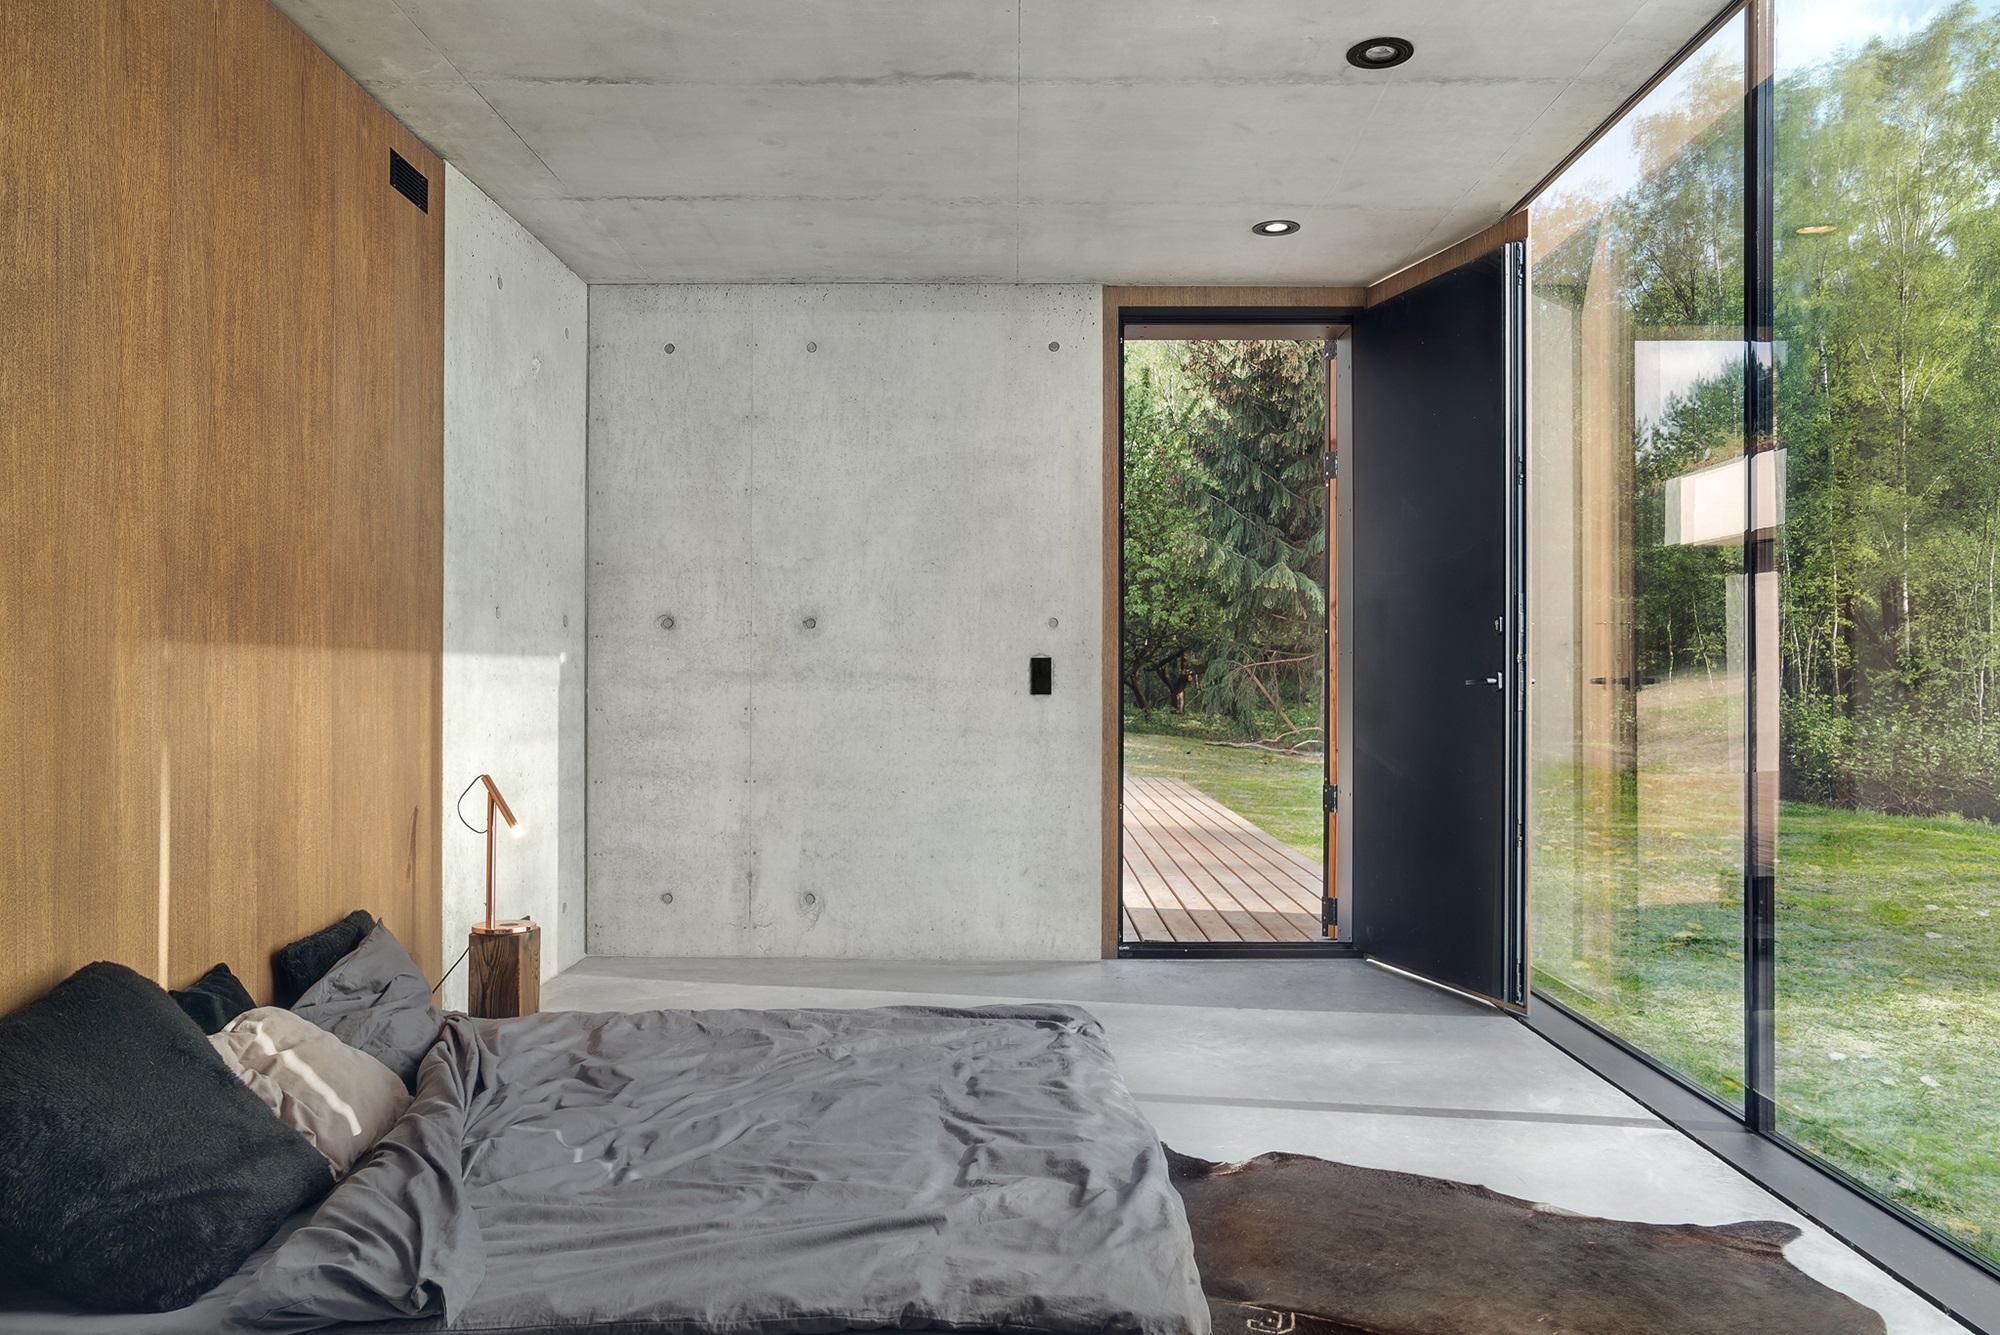 Najlepsze domy w Polsce: Dom JRv2 w Poznaniu